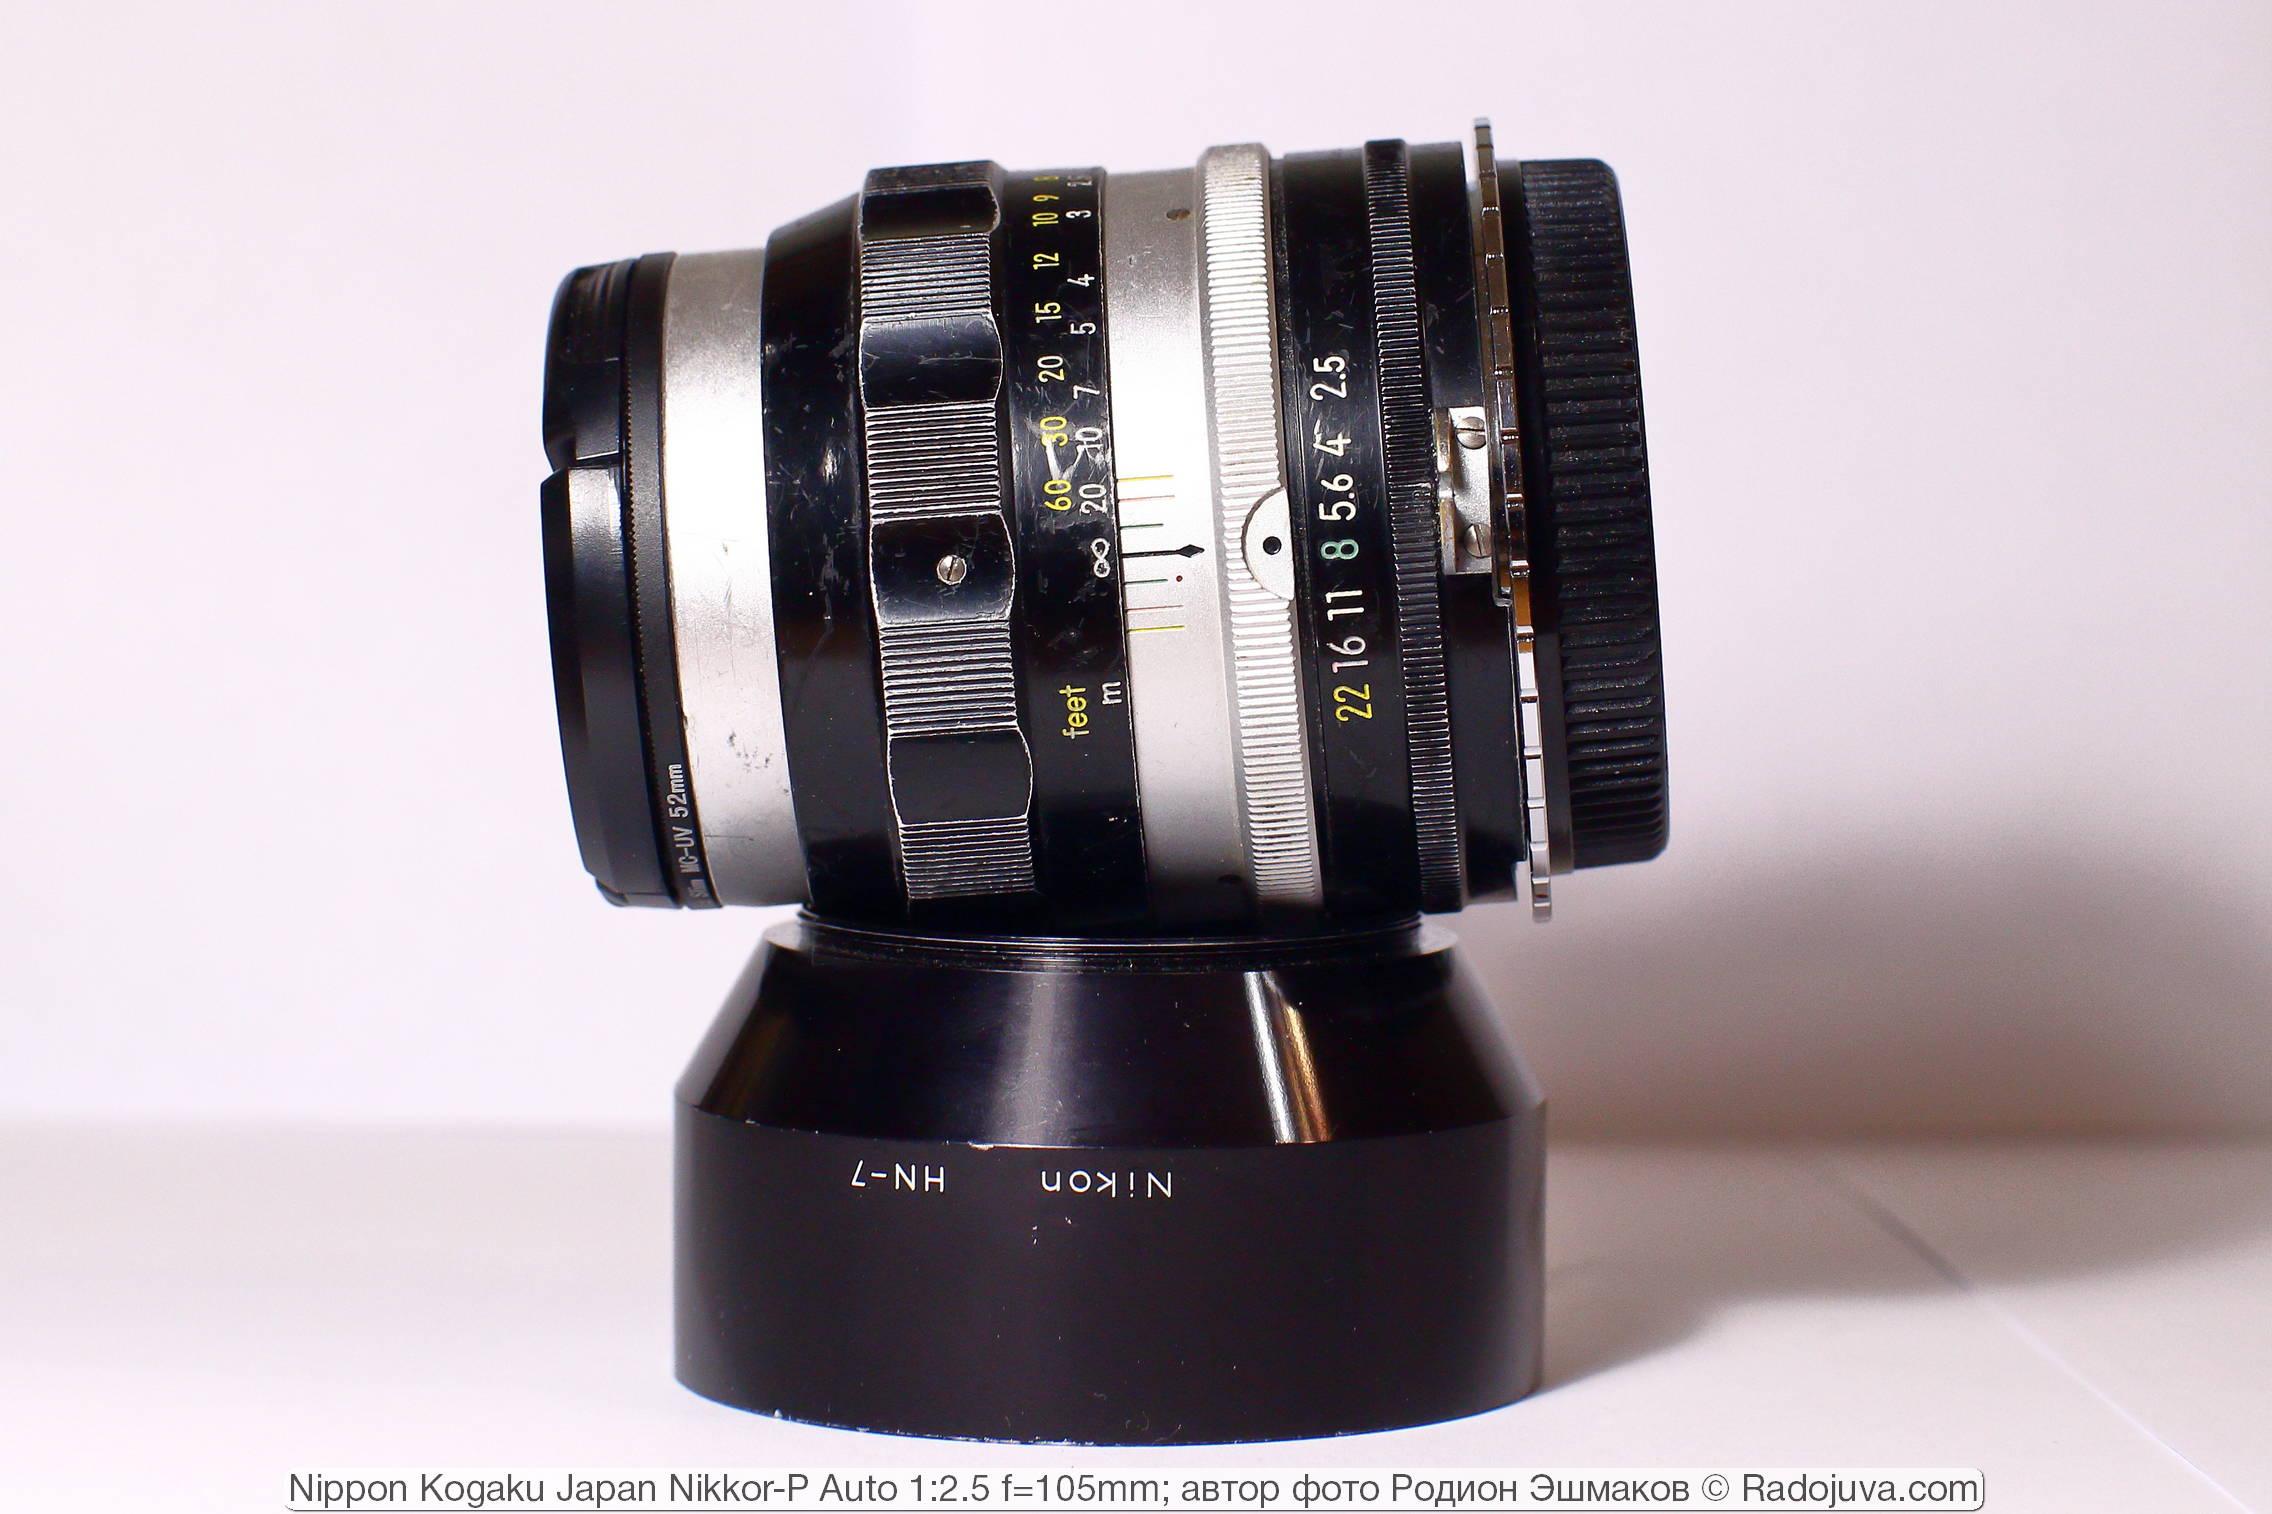 Nikkor-P 105/2.5 с УФ фильтром, крышками и переходником Nikon F-EOS и комплектная металлическая бленда HN-7.